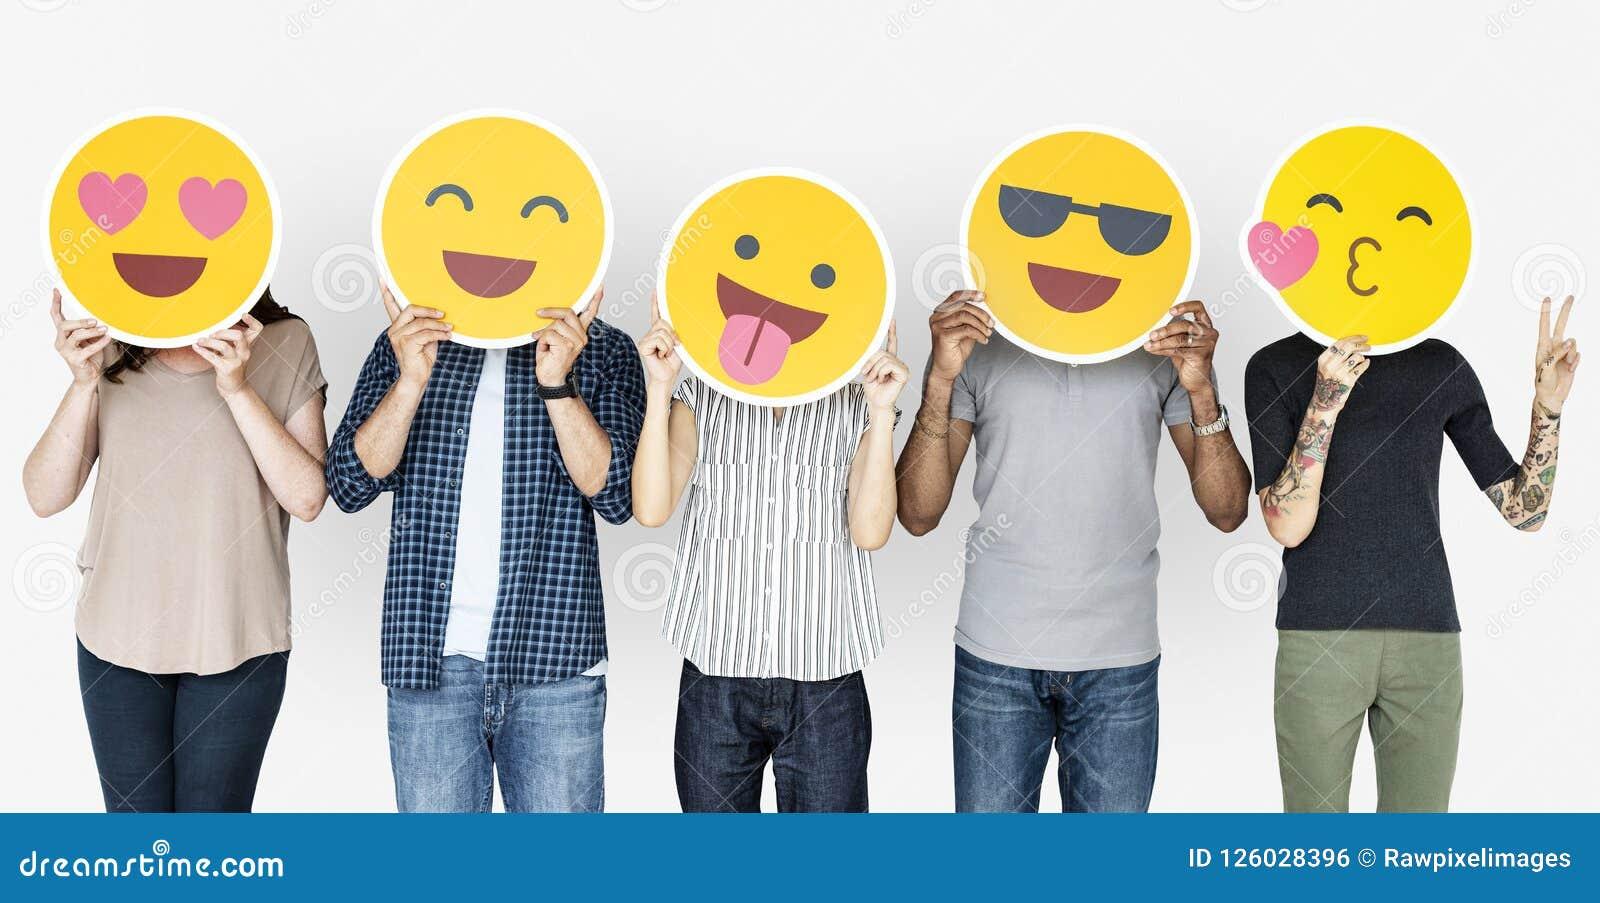 Różnorodni ludzie trzyma szczęśliwych emoticons